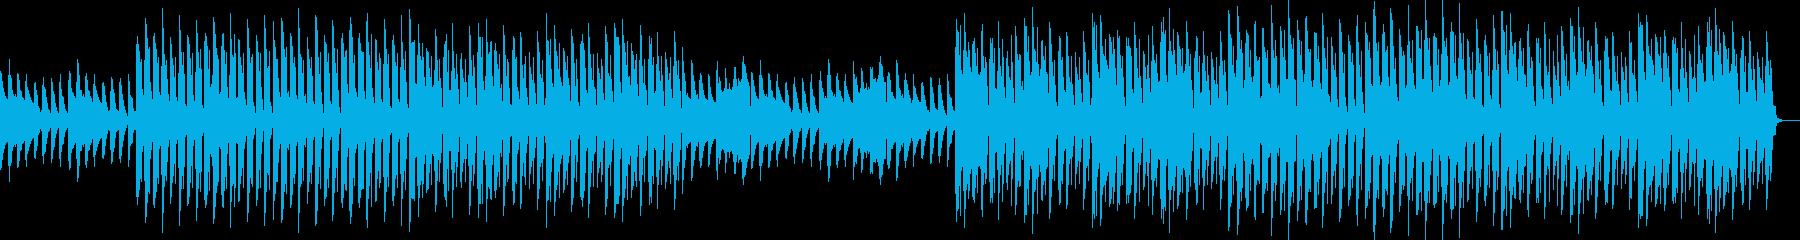 おしゃれ・クール・EDM・ハウス18の再生済みの波形